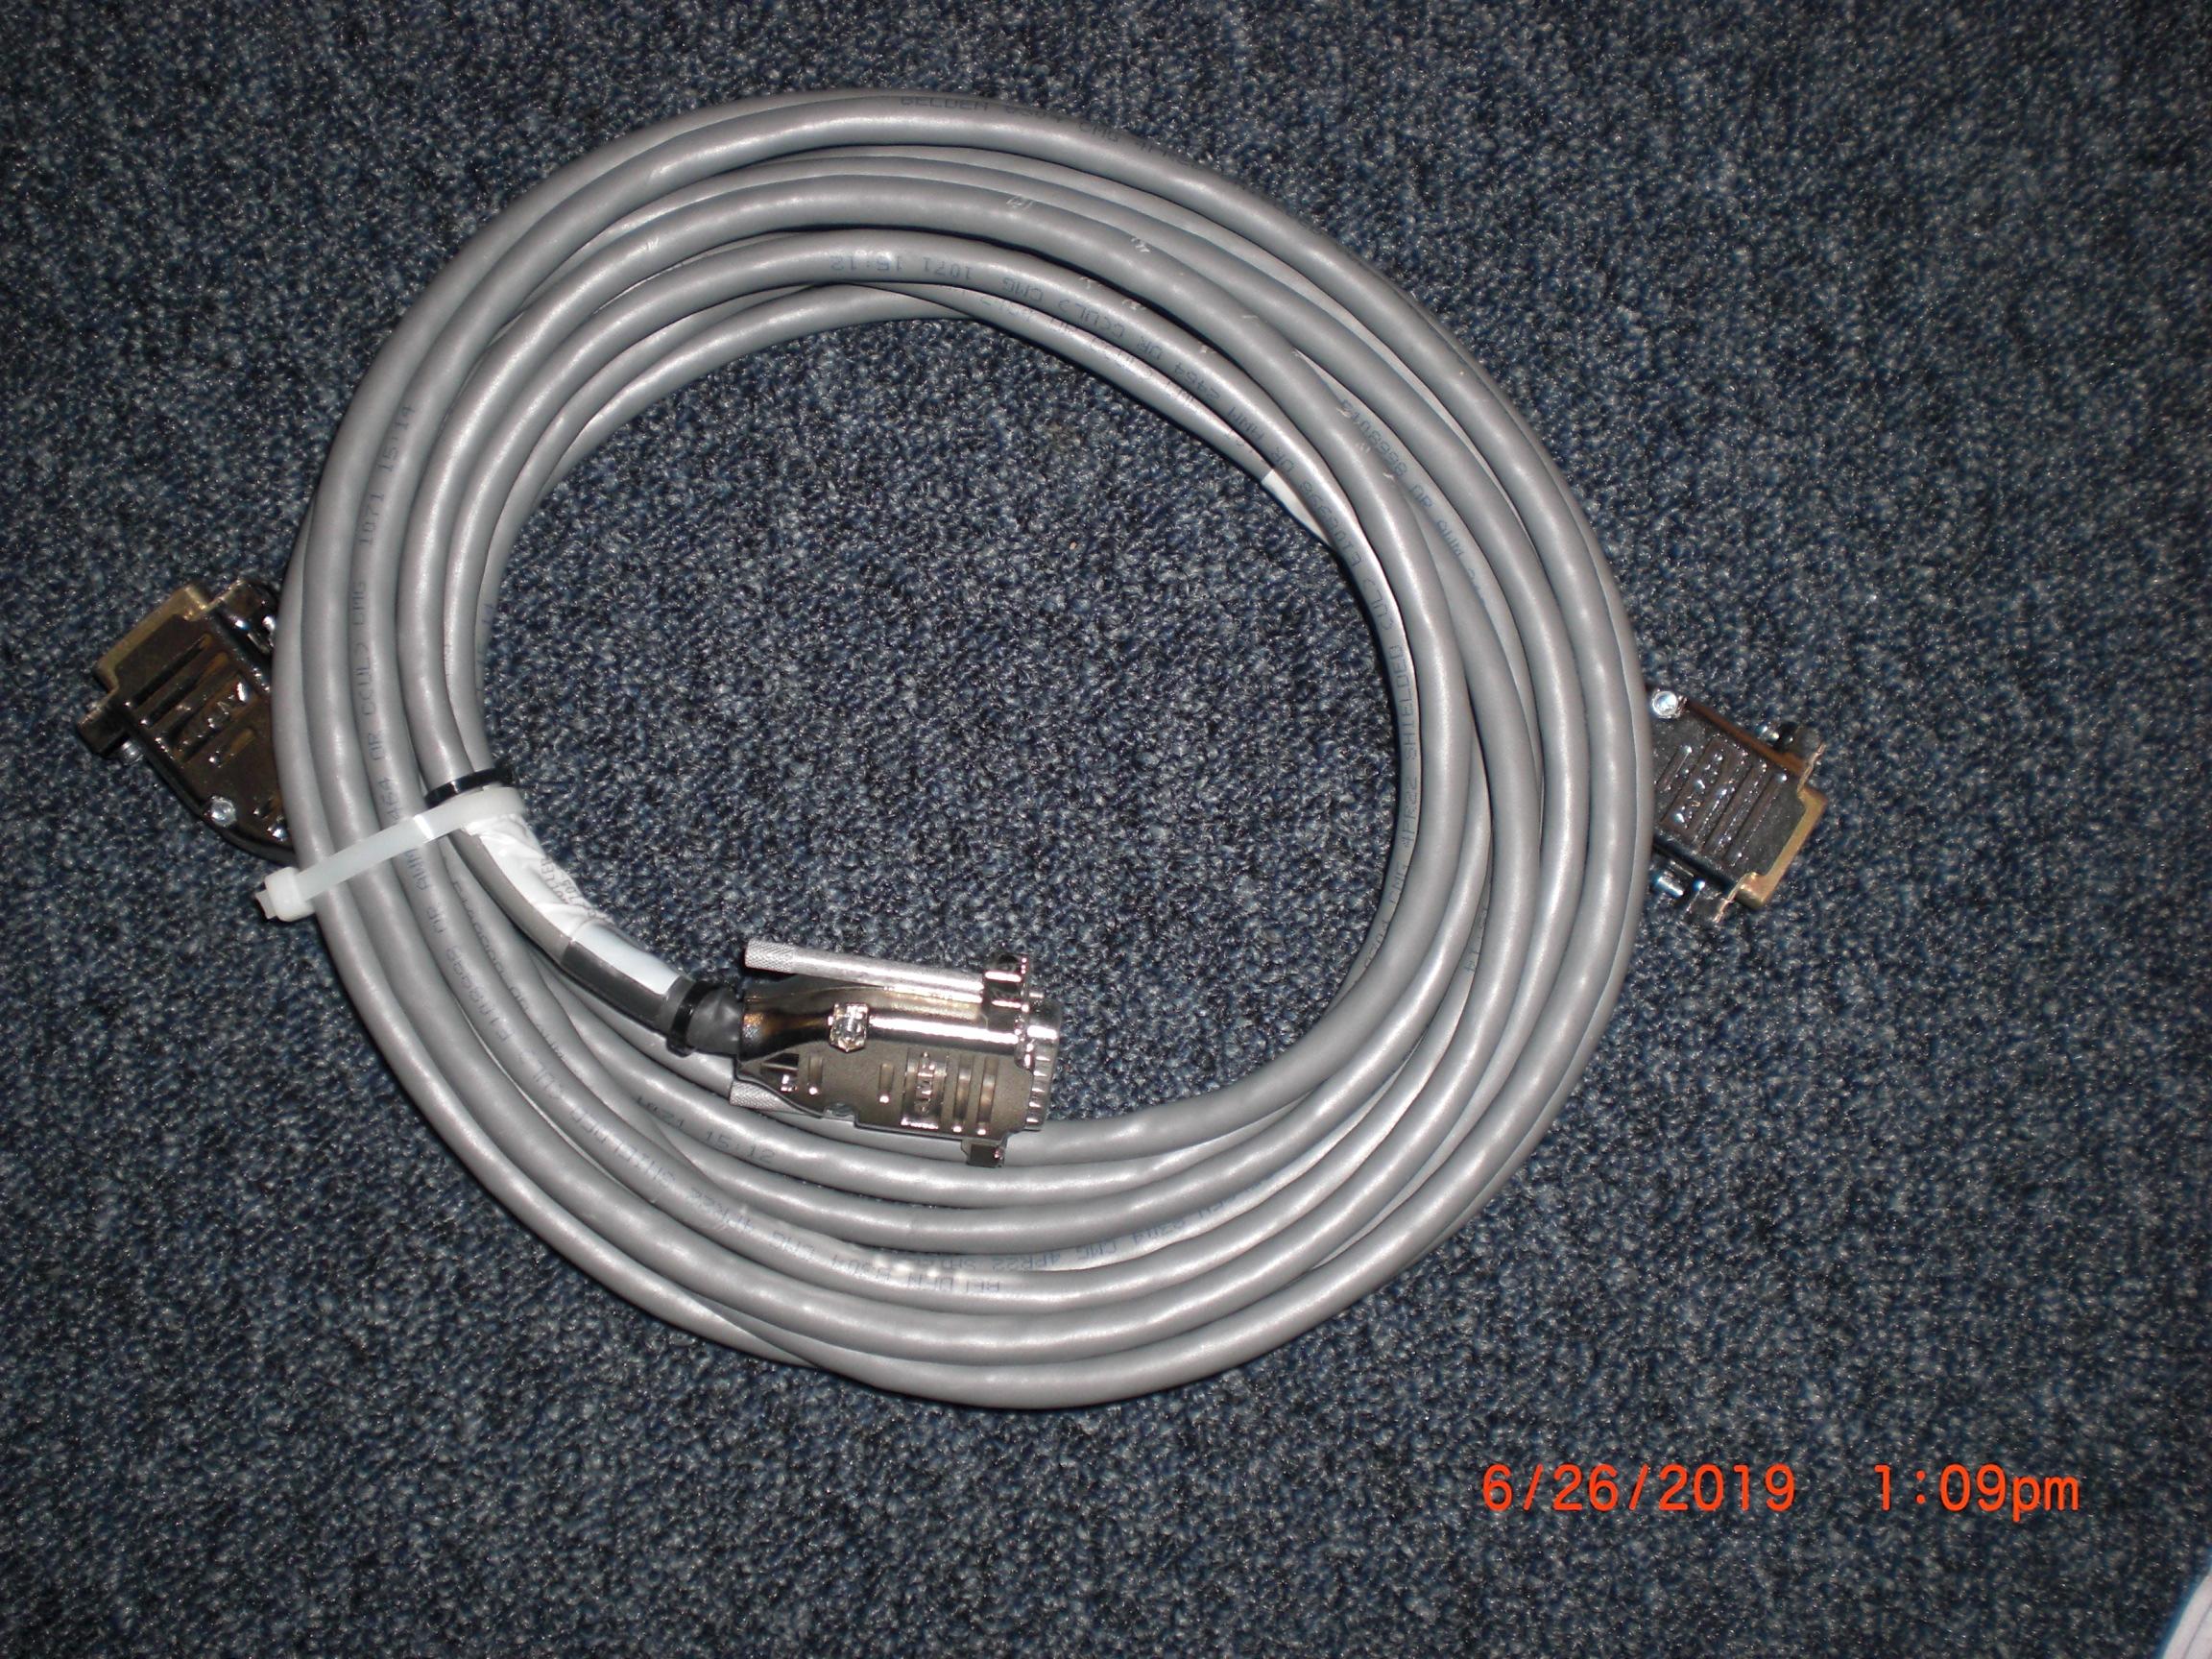 Cable KLA / TENCOR 810-12705-001 controller to x-y encoder 8100 laser stage